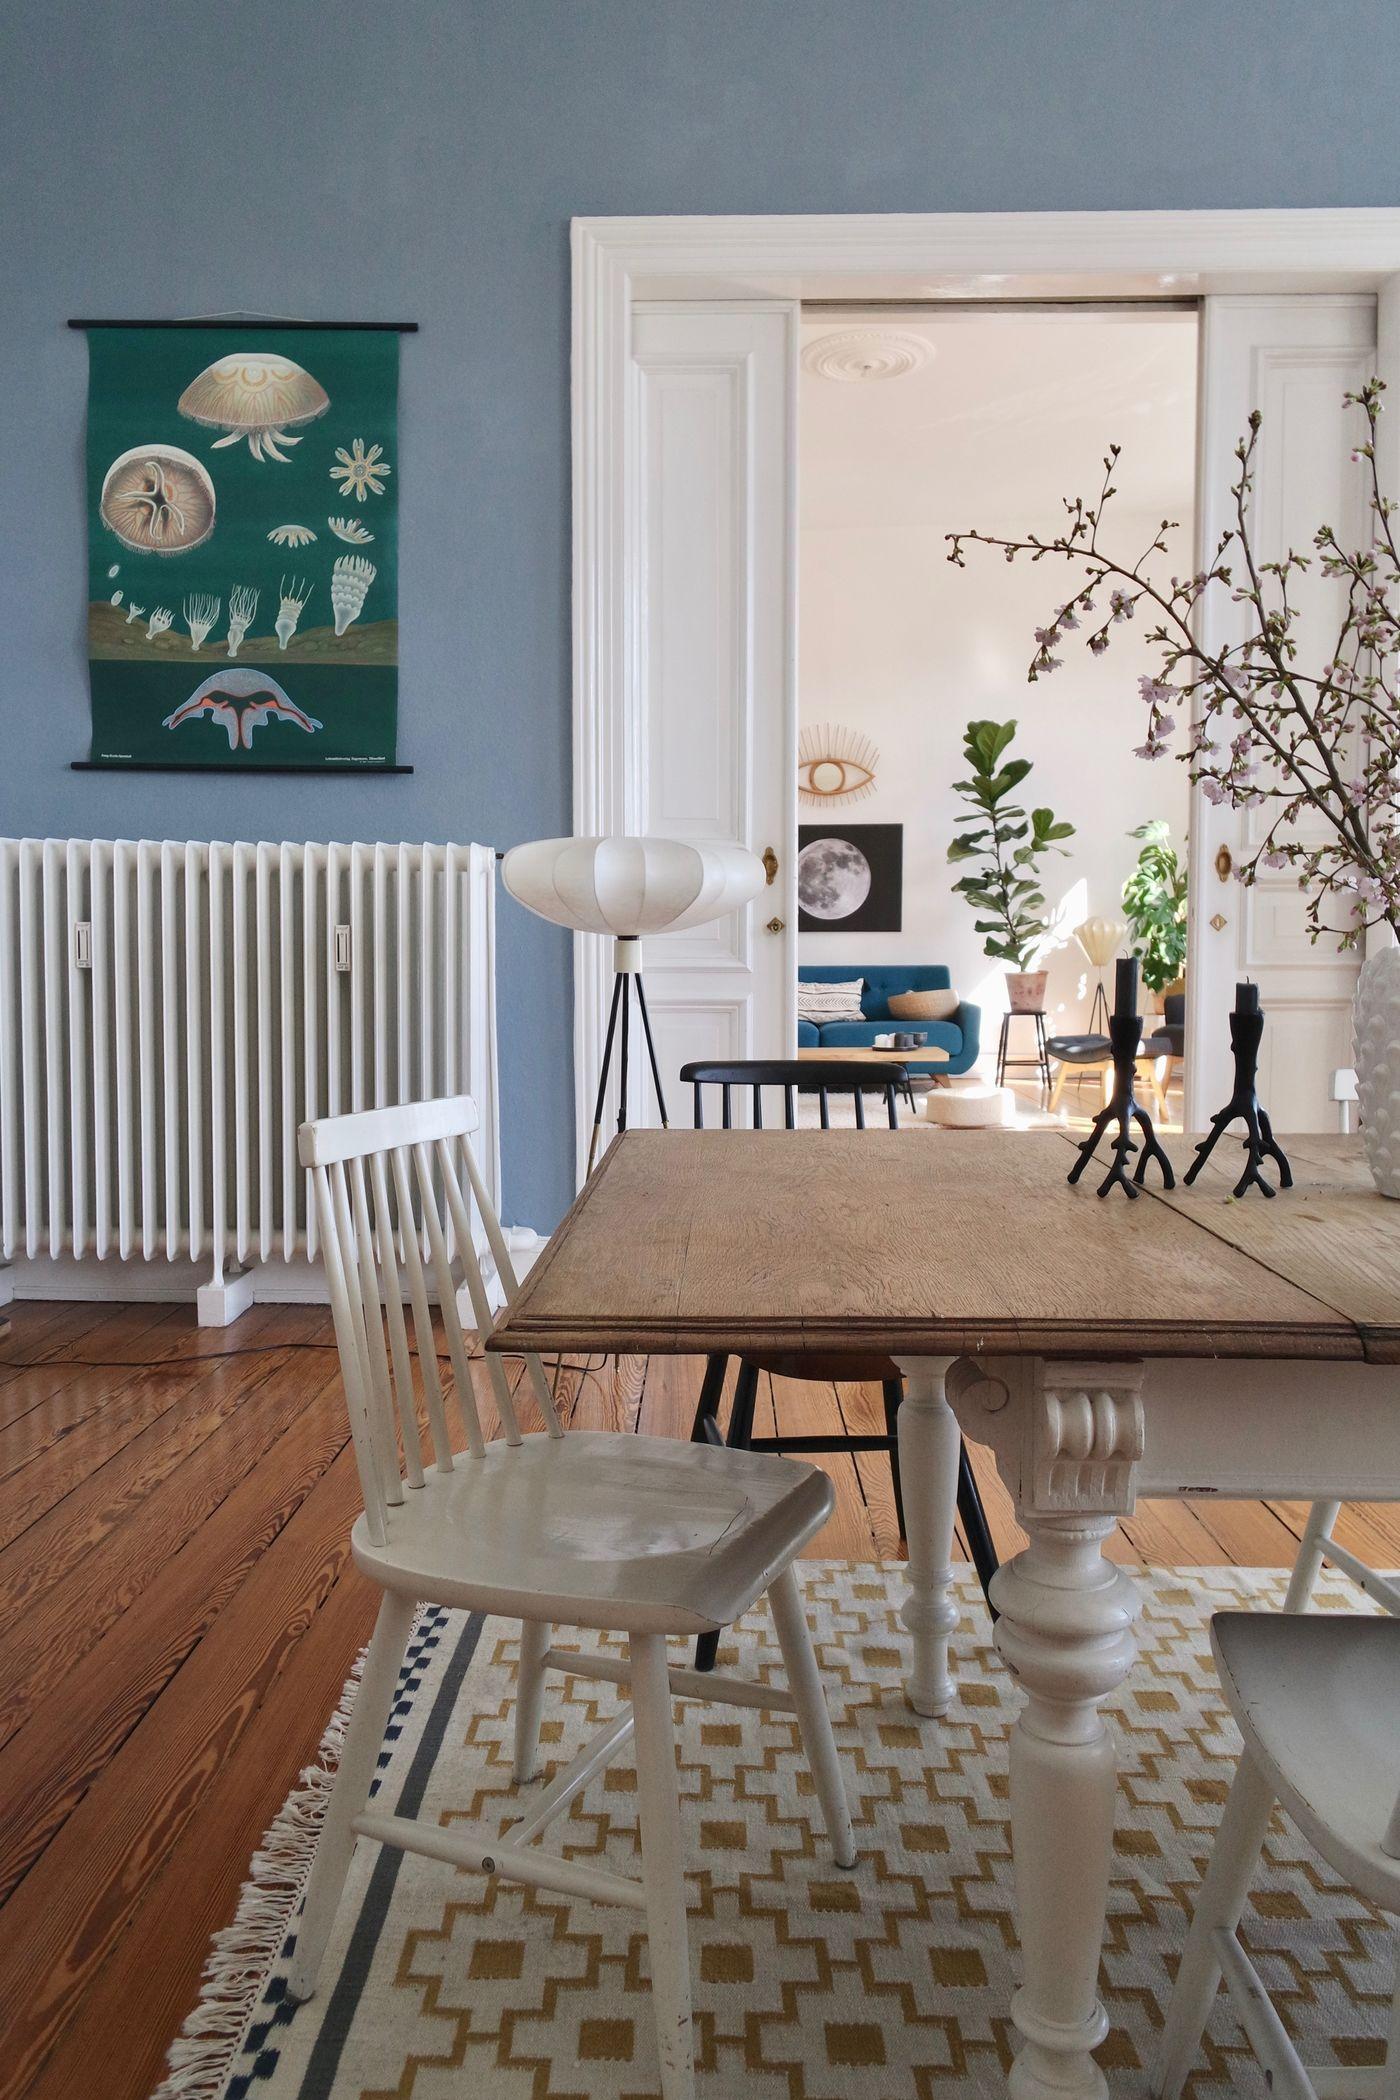 die sch nsten pflanzen deko ideen seite 3. Black Bedroom Furniture Sets. Home Design Ideas